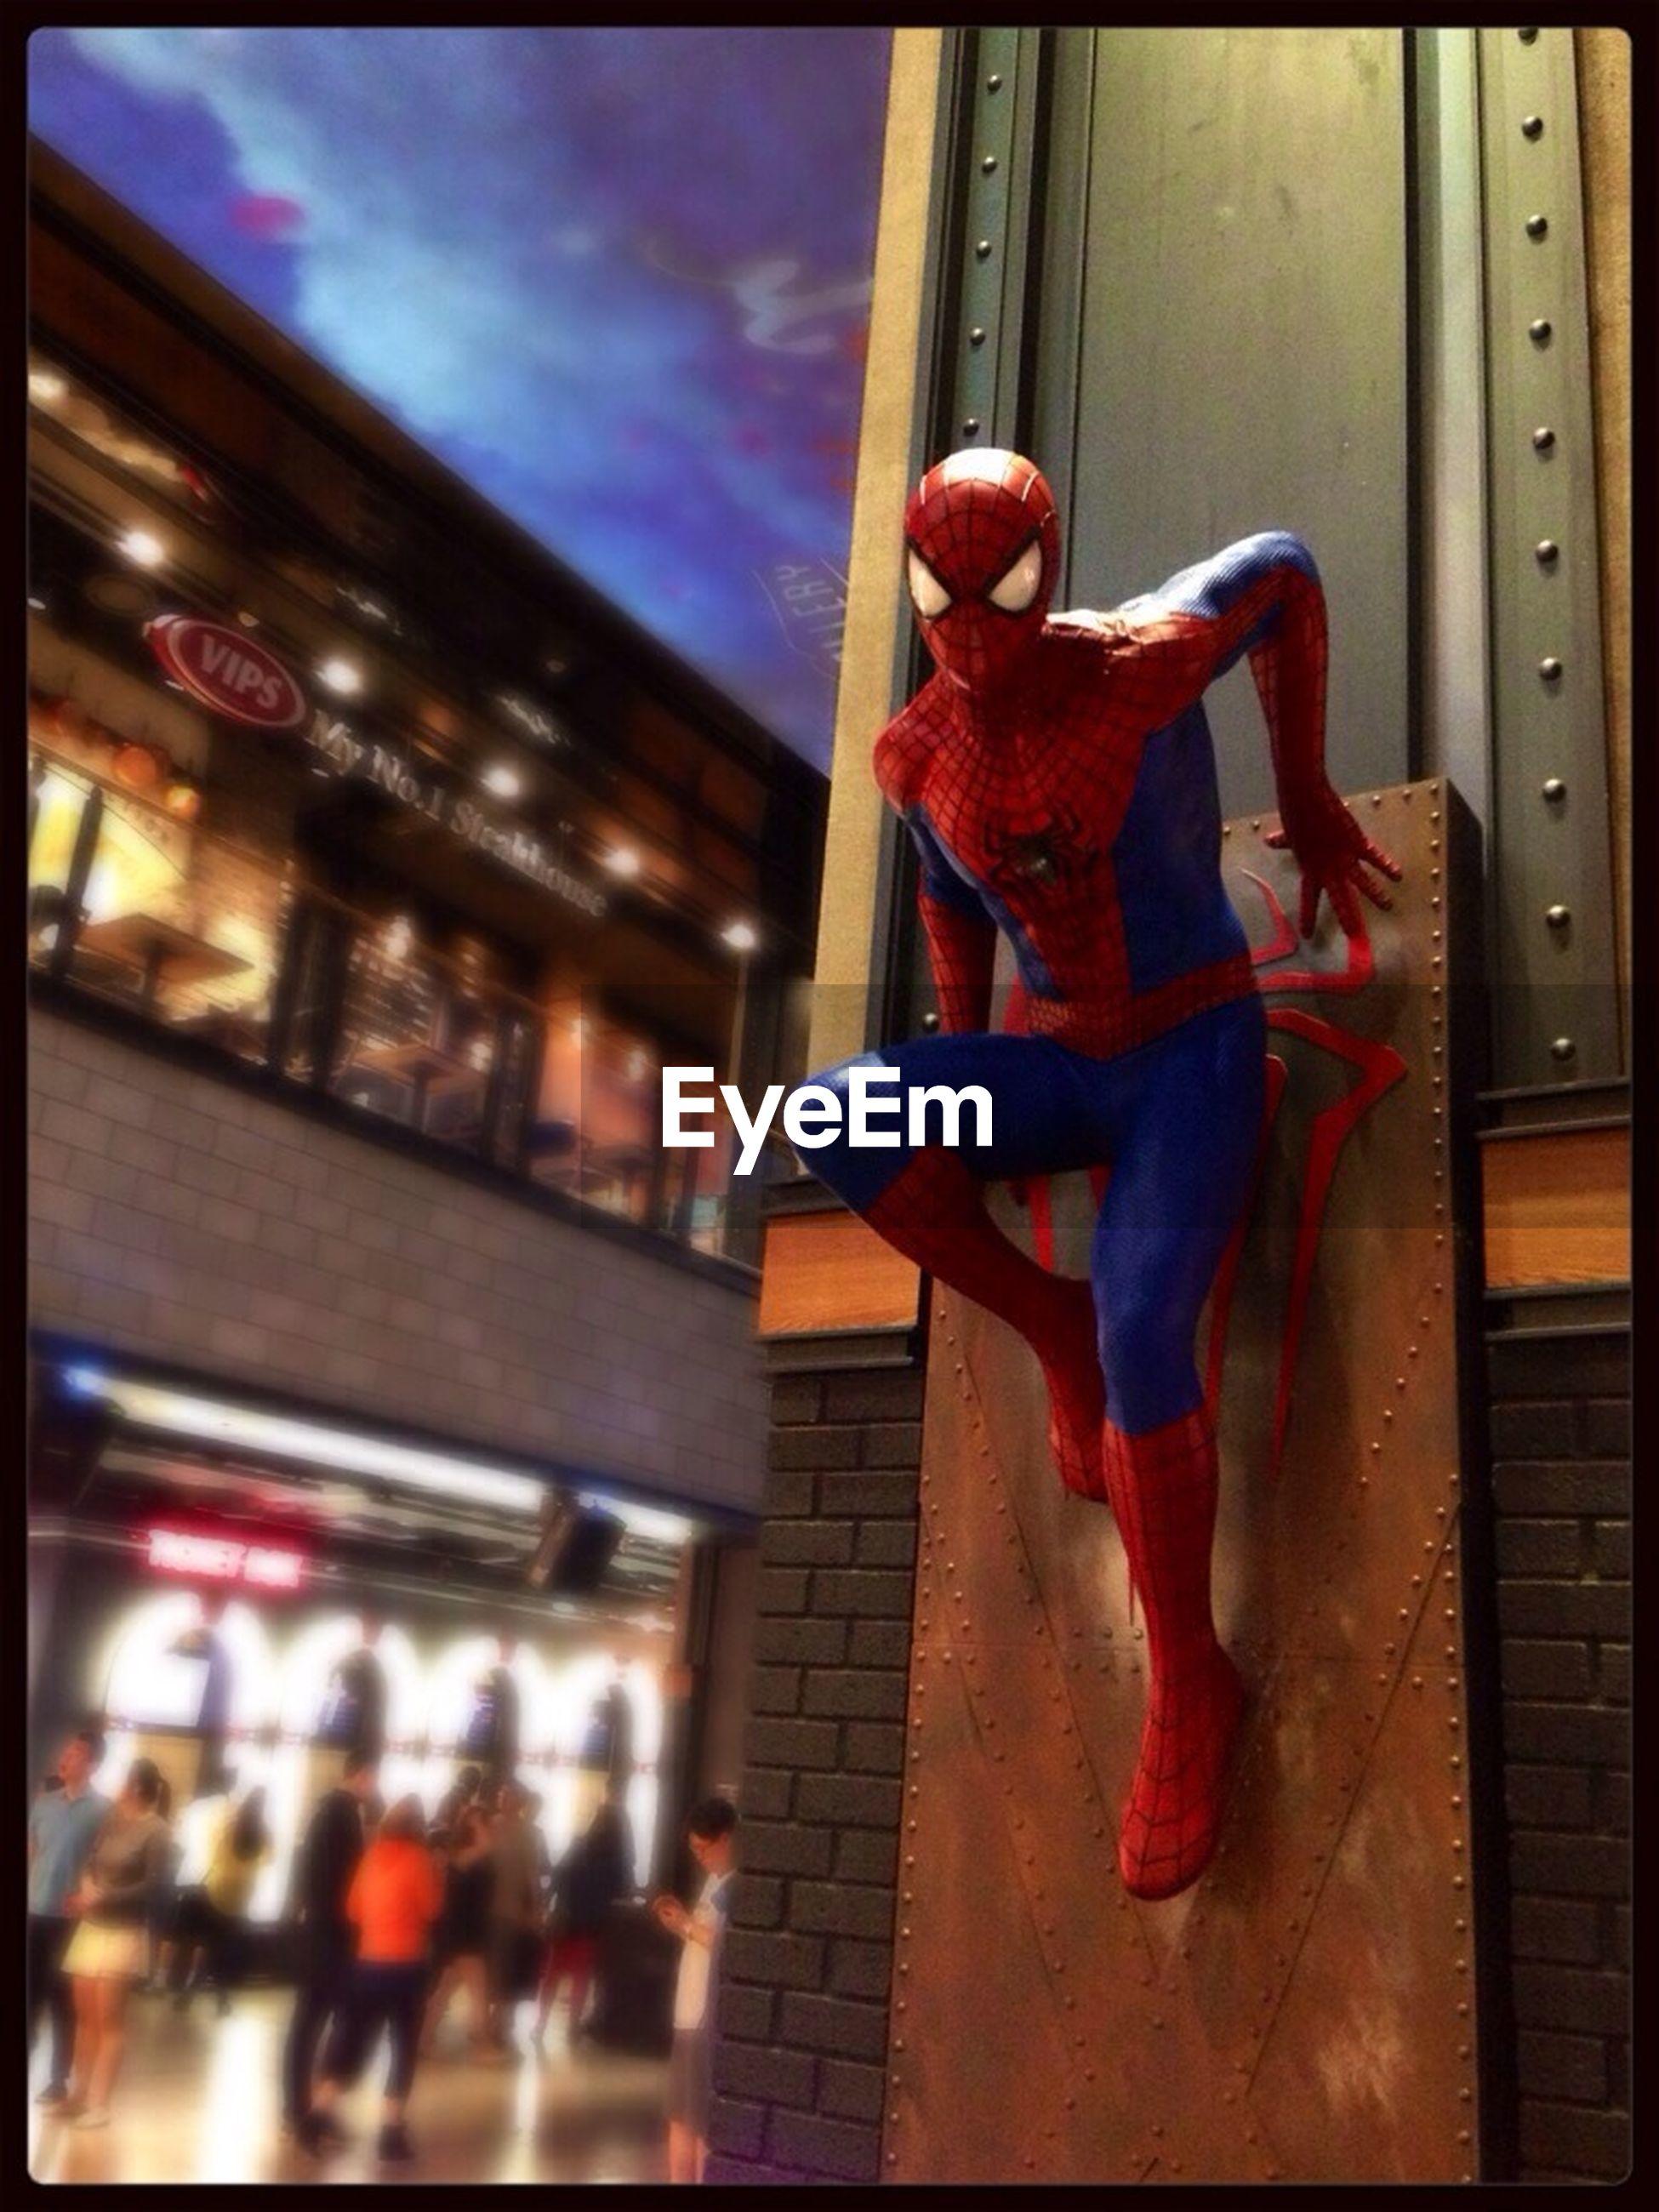 Iphone 5 Spider-man First Eyeem Photo